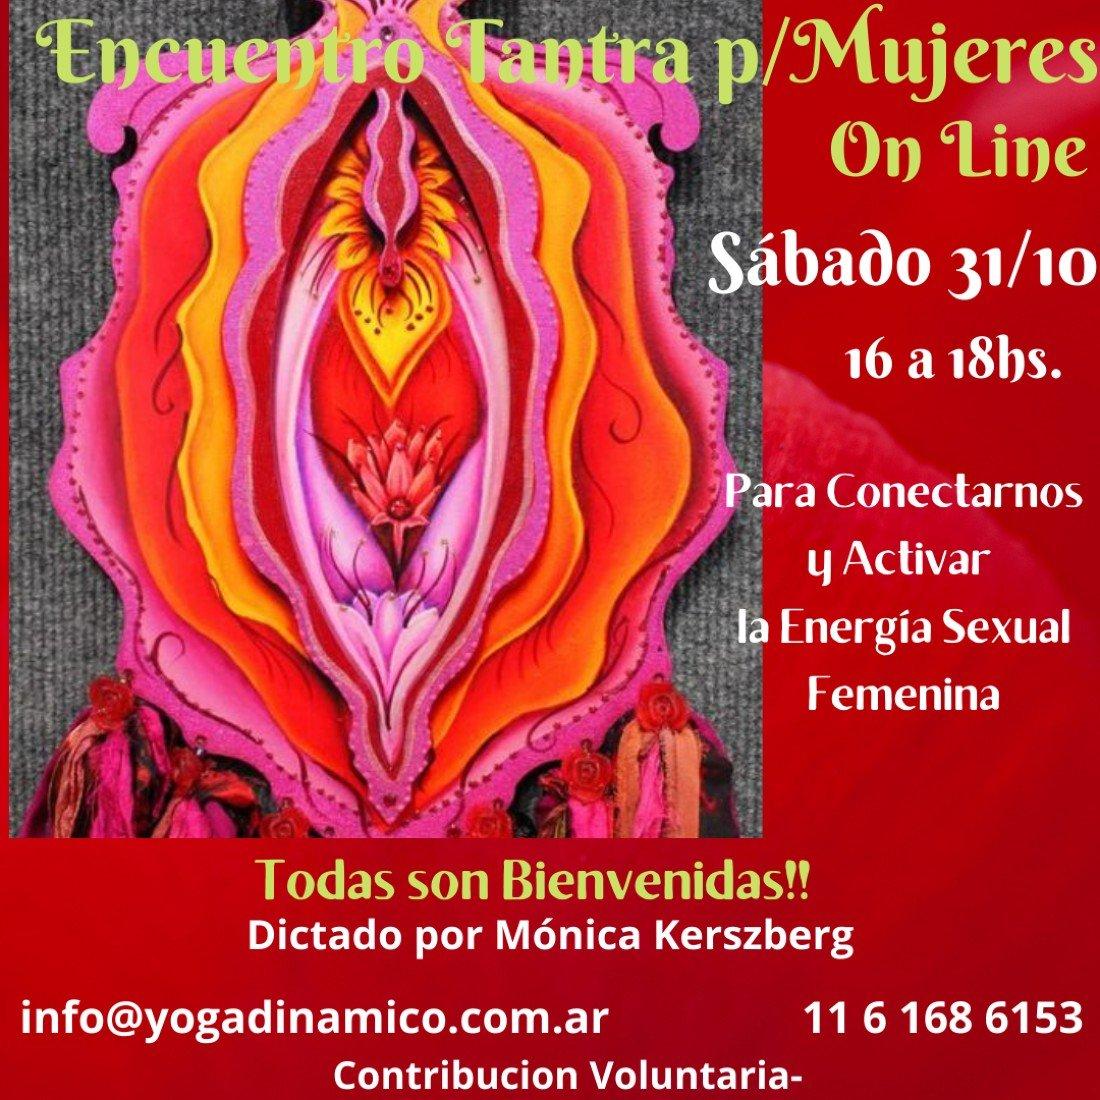 Encuentro Tantra para Mujeres On Line Contribución Voluntaria, 31 October | Online Event | AllEvents.in